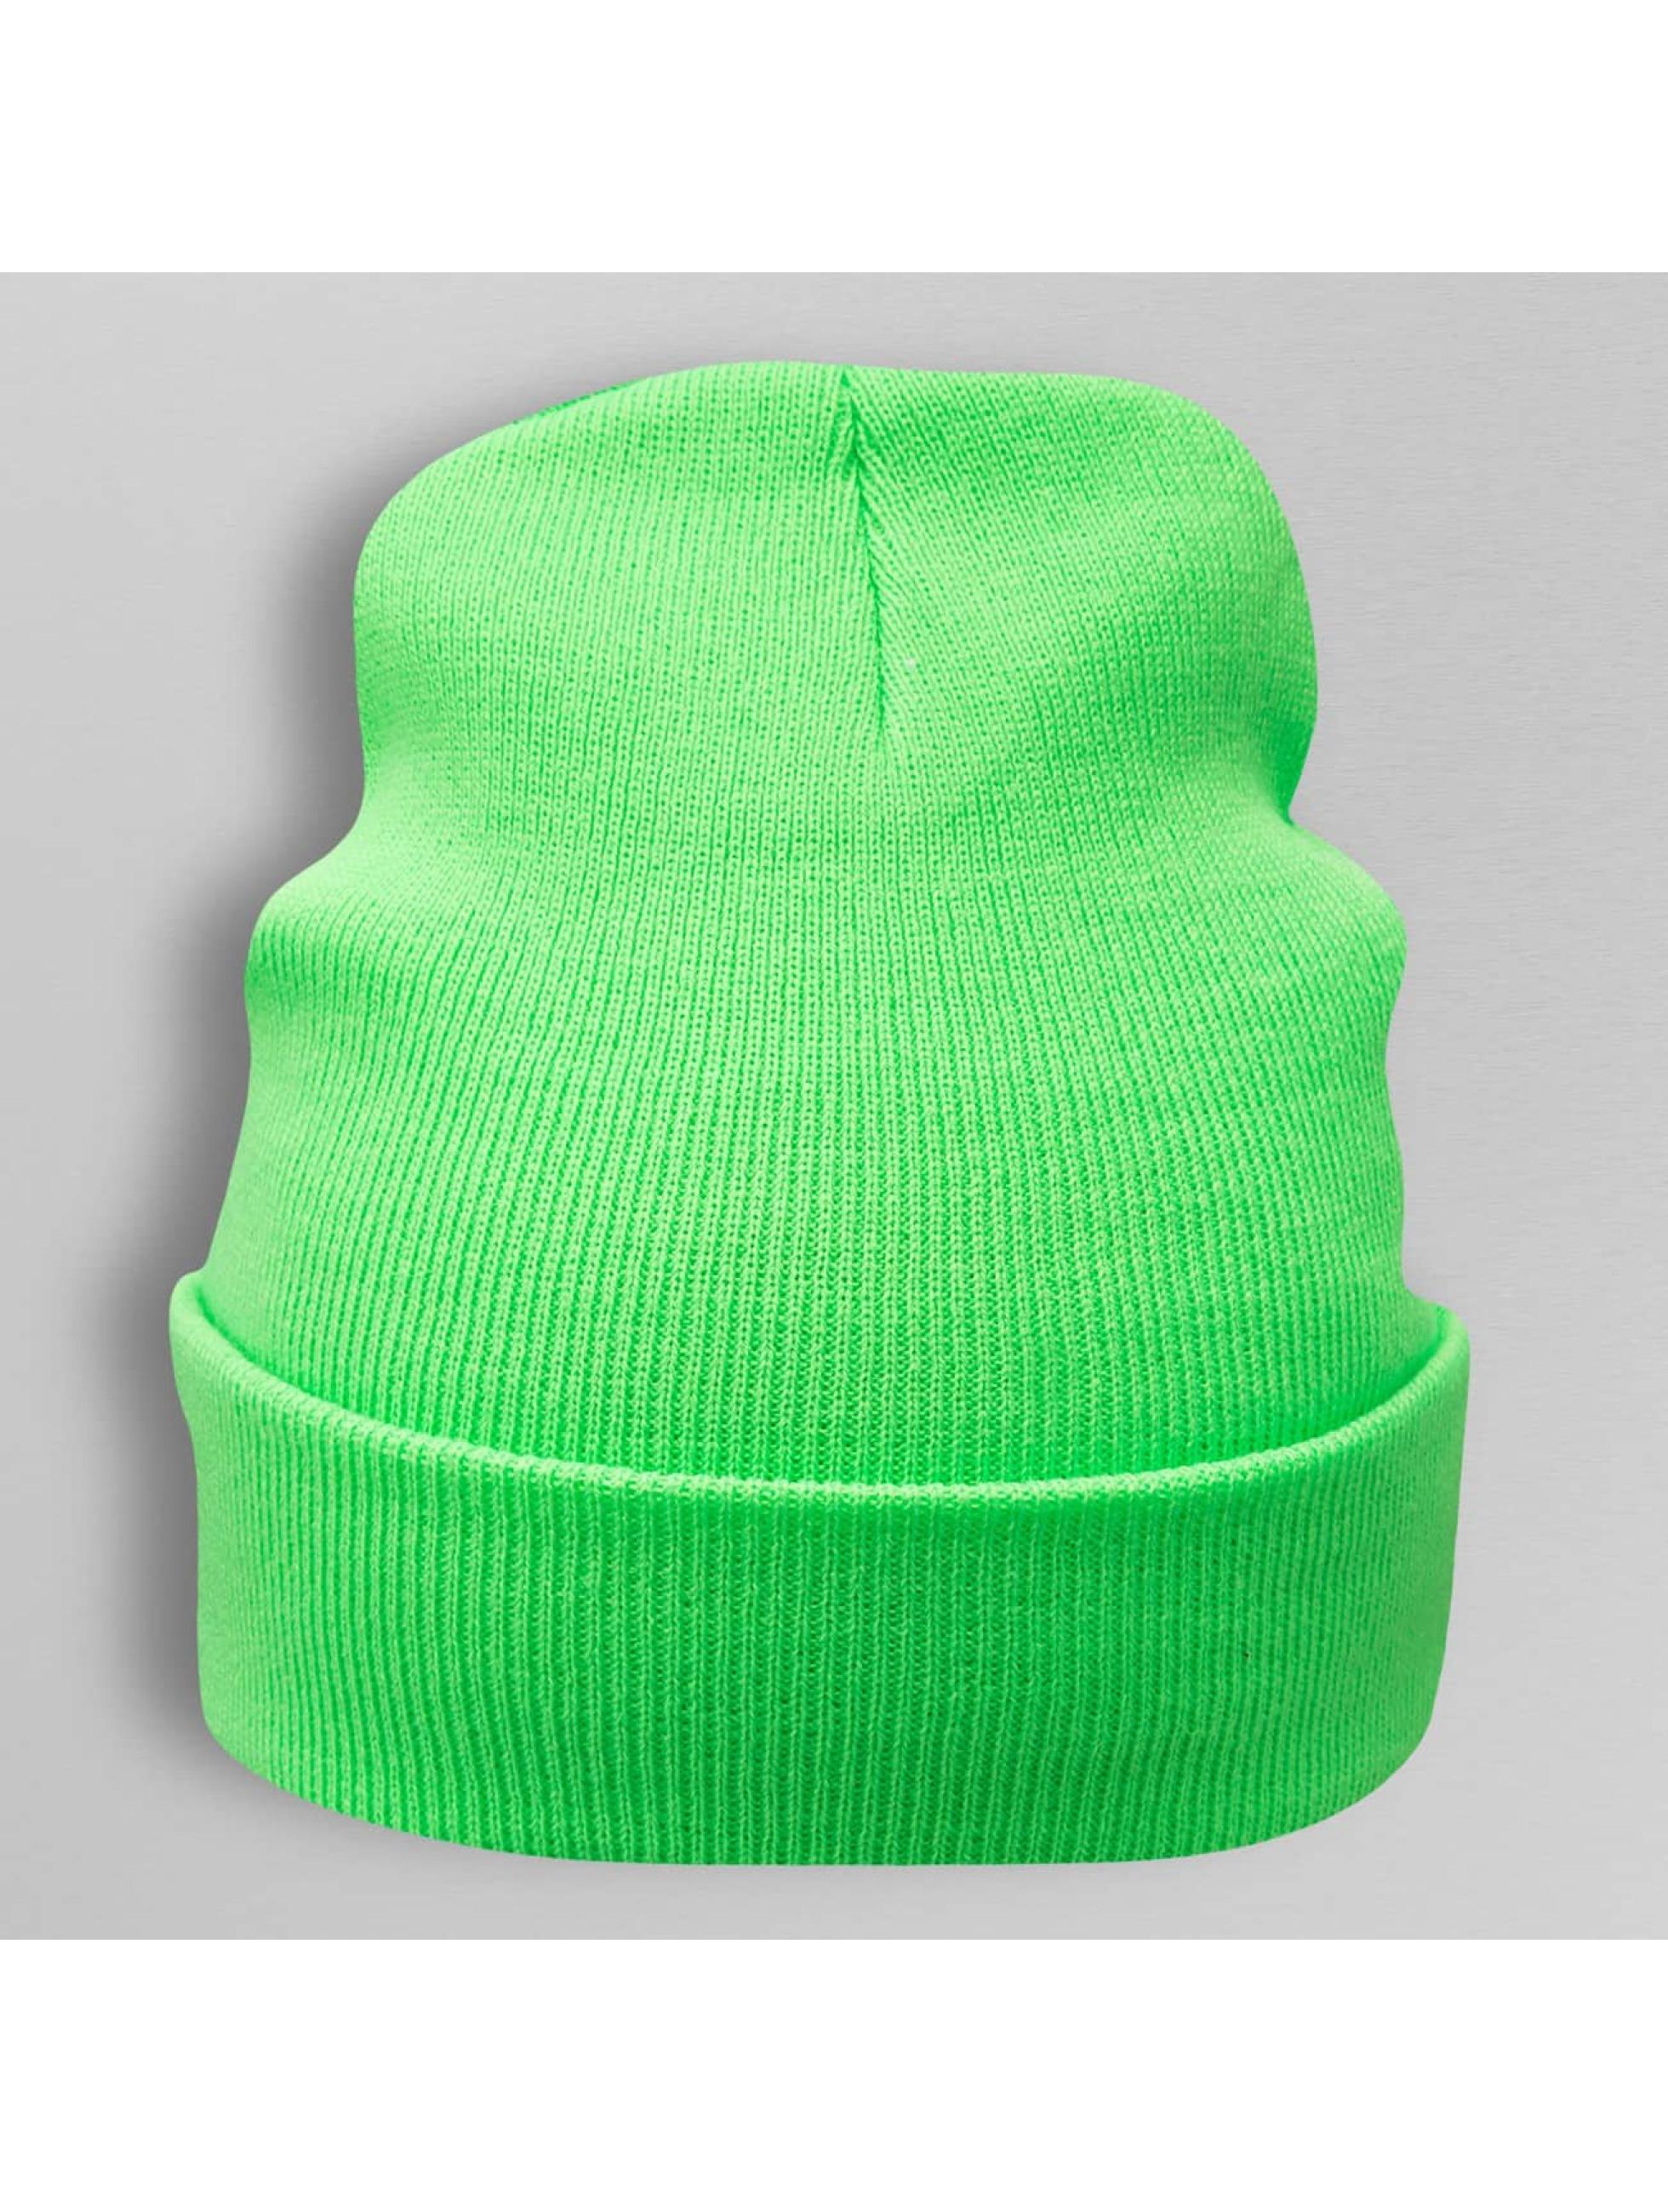 Cap Crony Männer,Frauen Beanie Neon Acrylic Long in grün